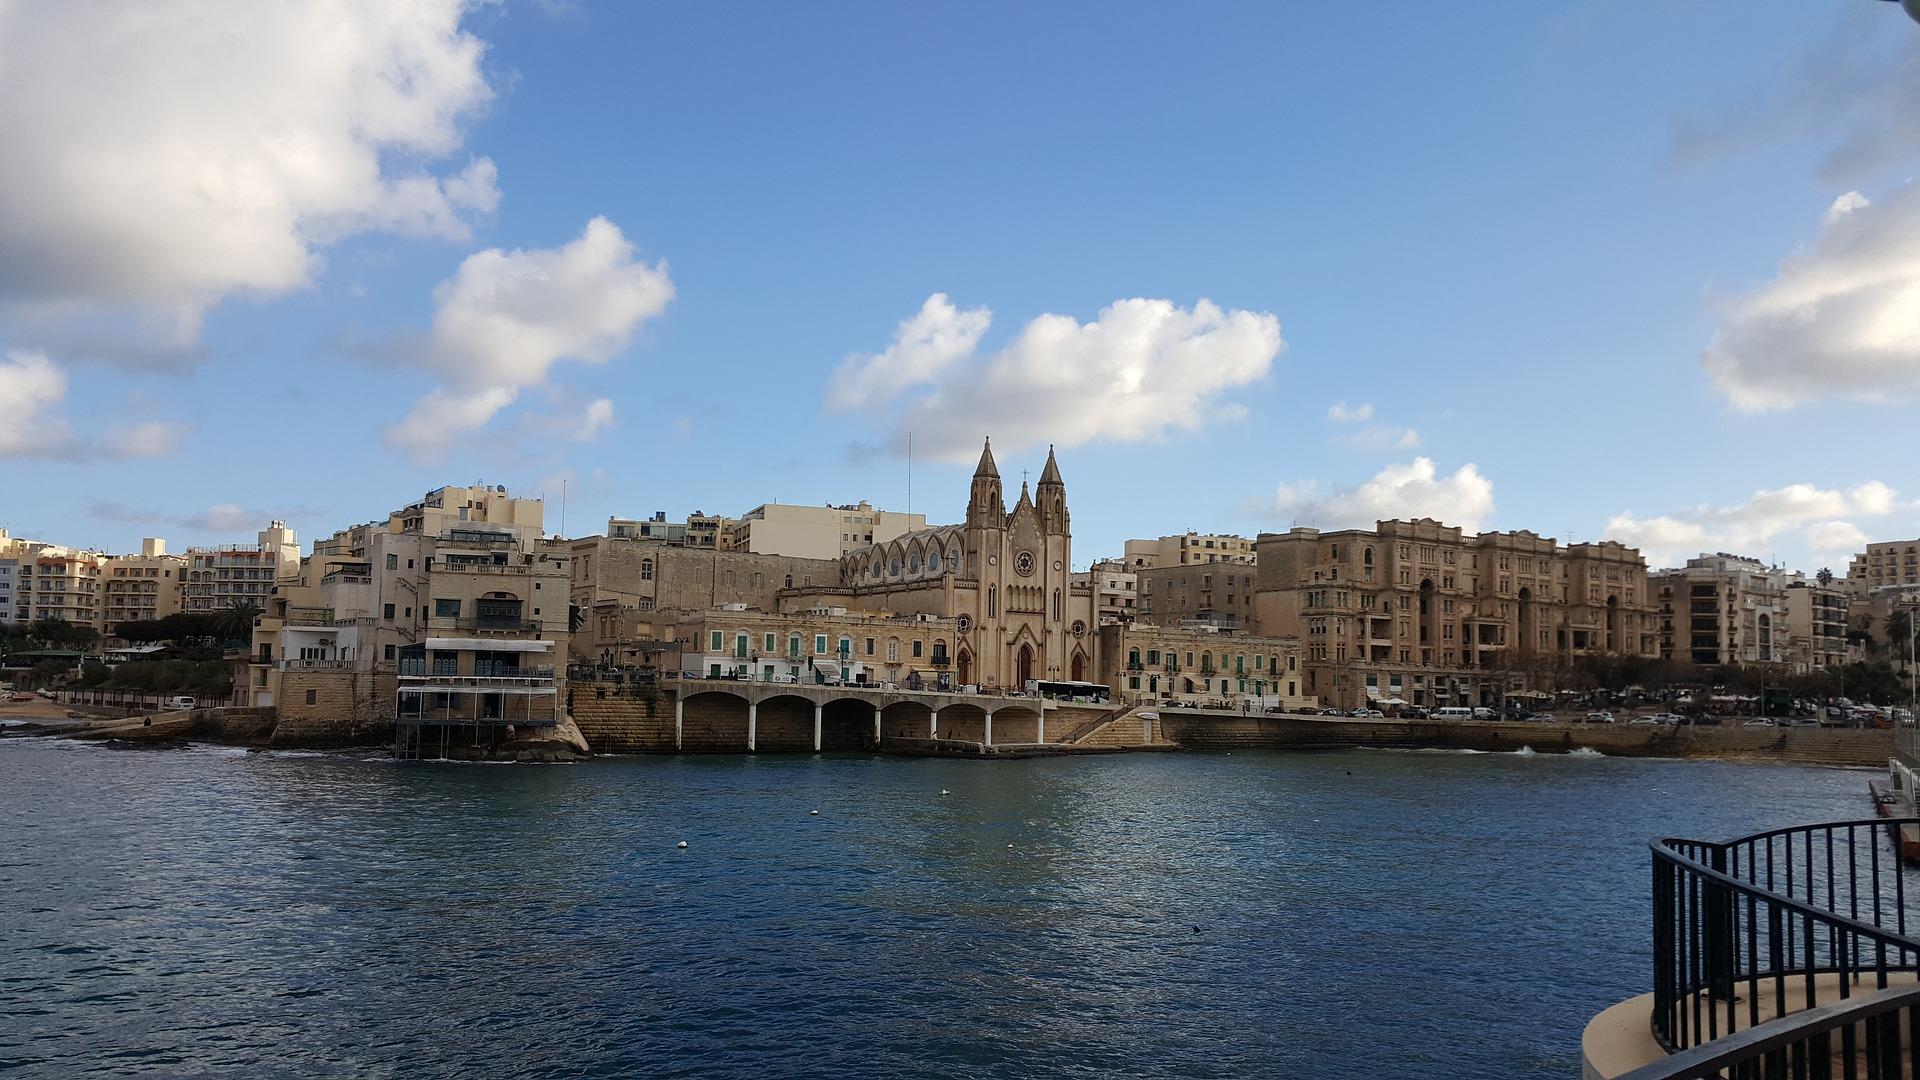 Carnet et photos de voyage à Sliema Malte